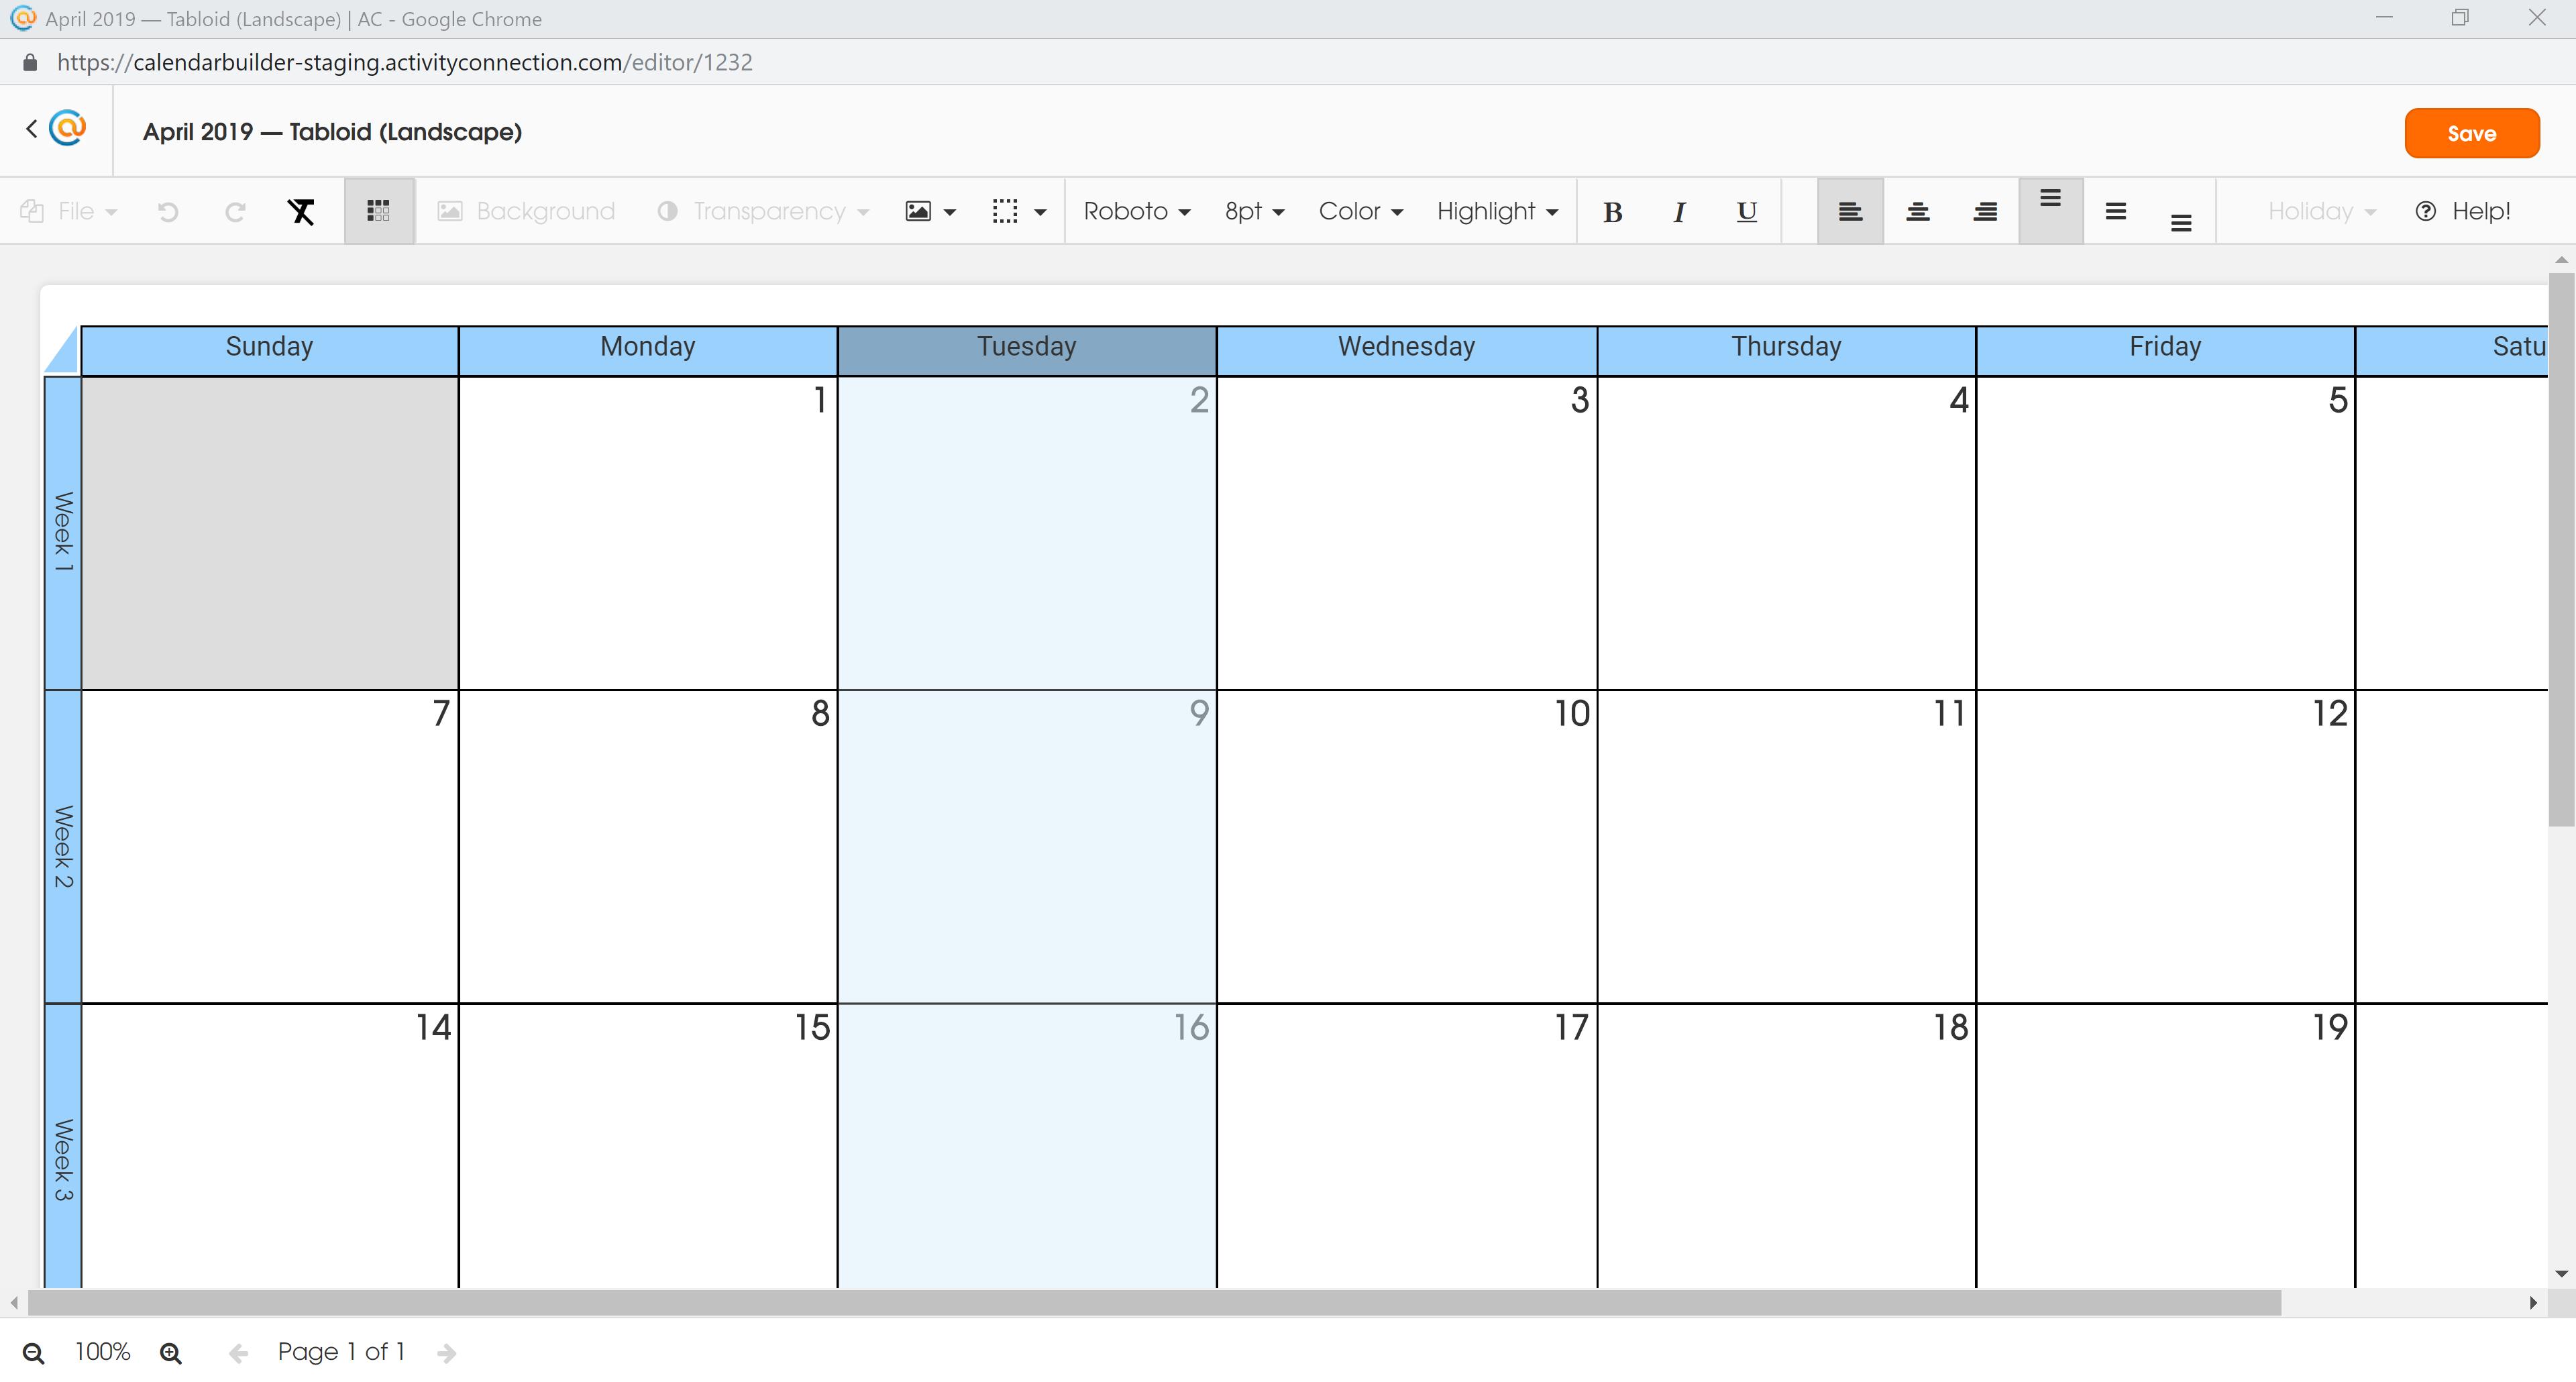 Calendar - Tuesday Selected